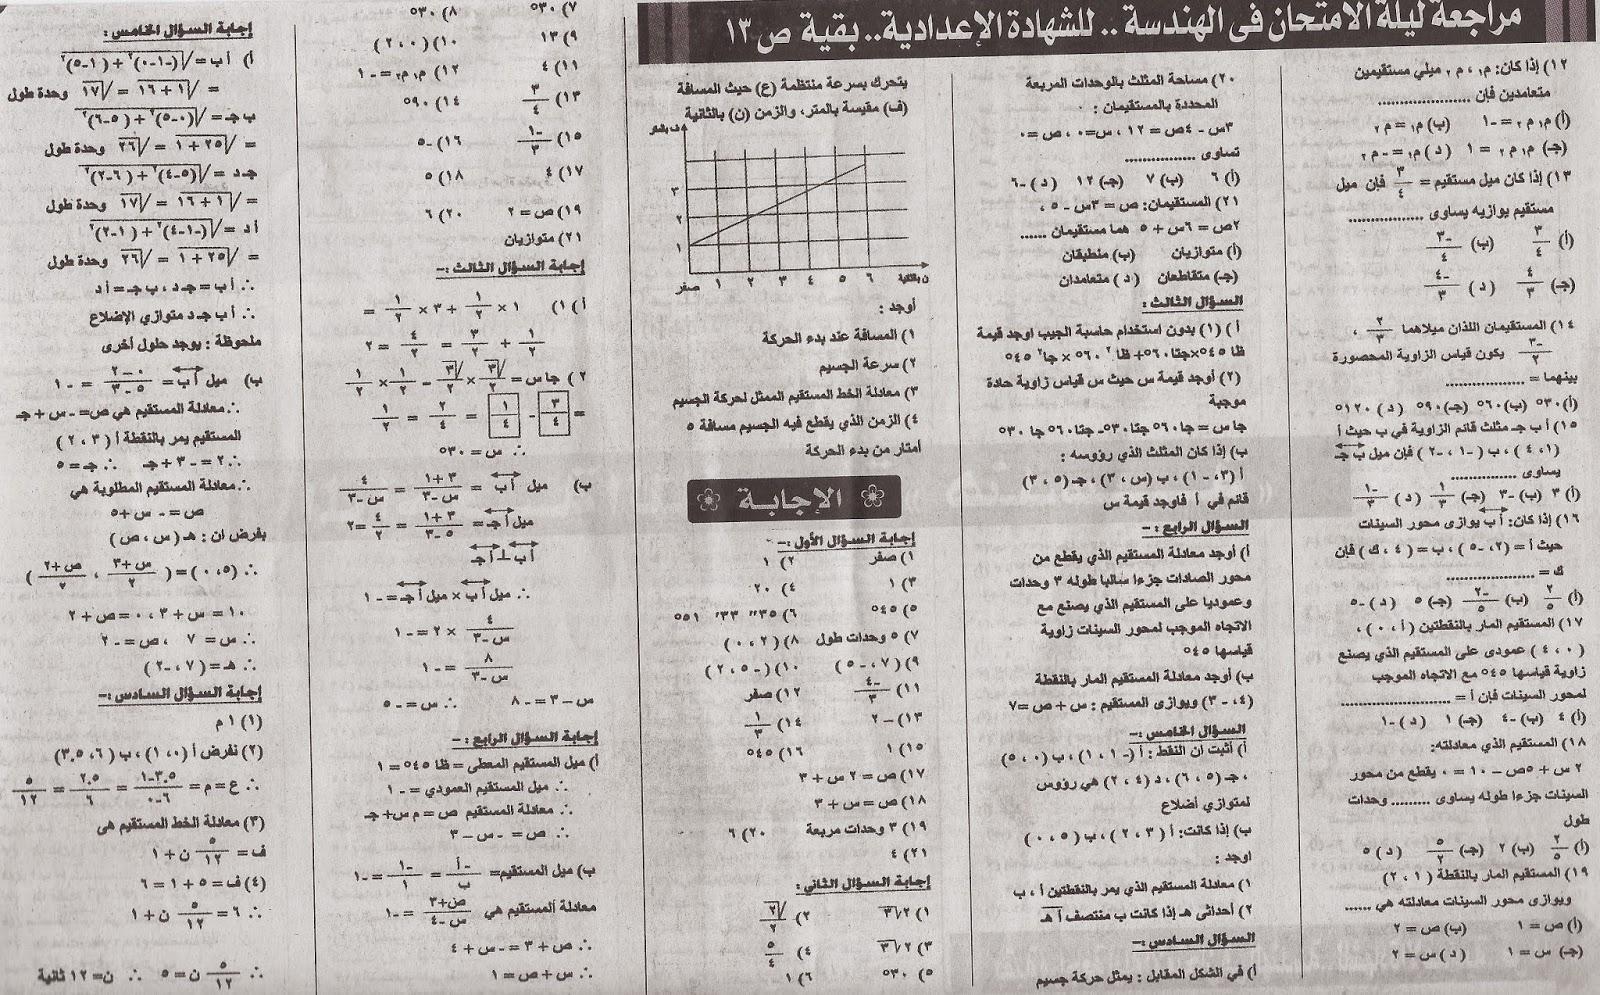 ملحق الجمهورية: توقعات الهندسة لامتحان الشهادة الإعدادية نصف العام 2016 Scan0186